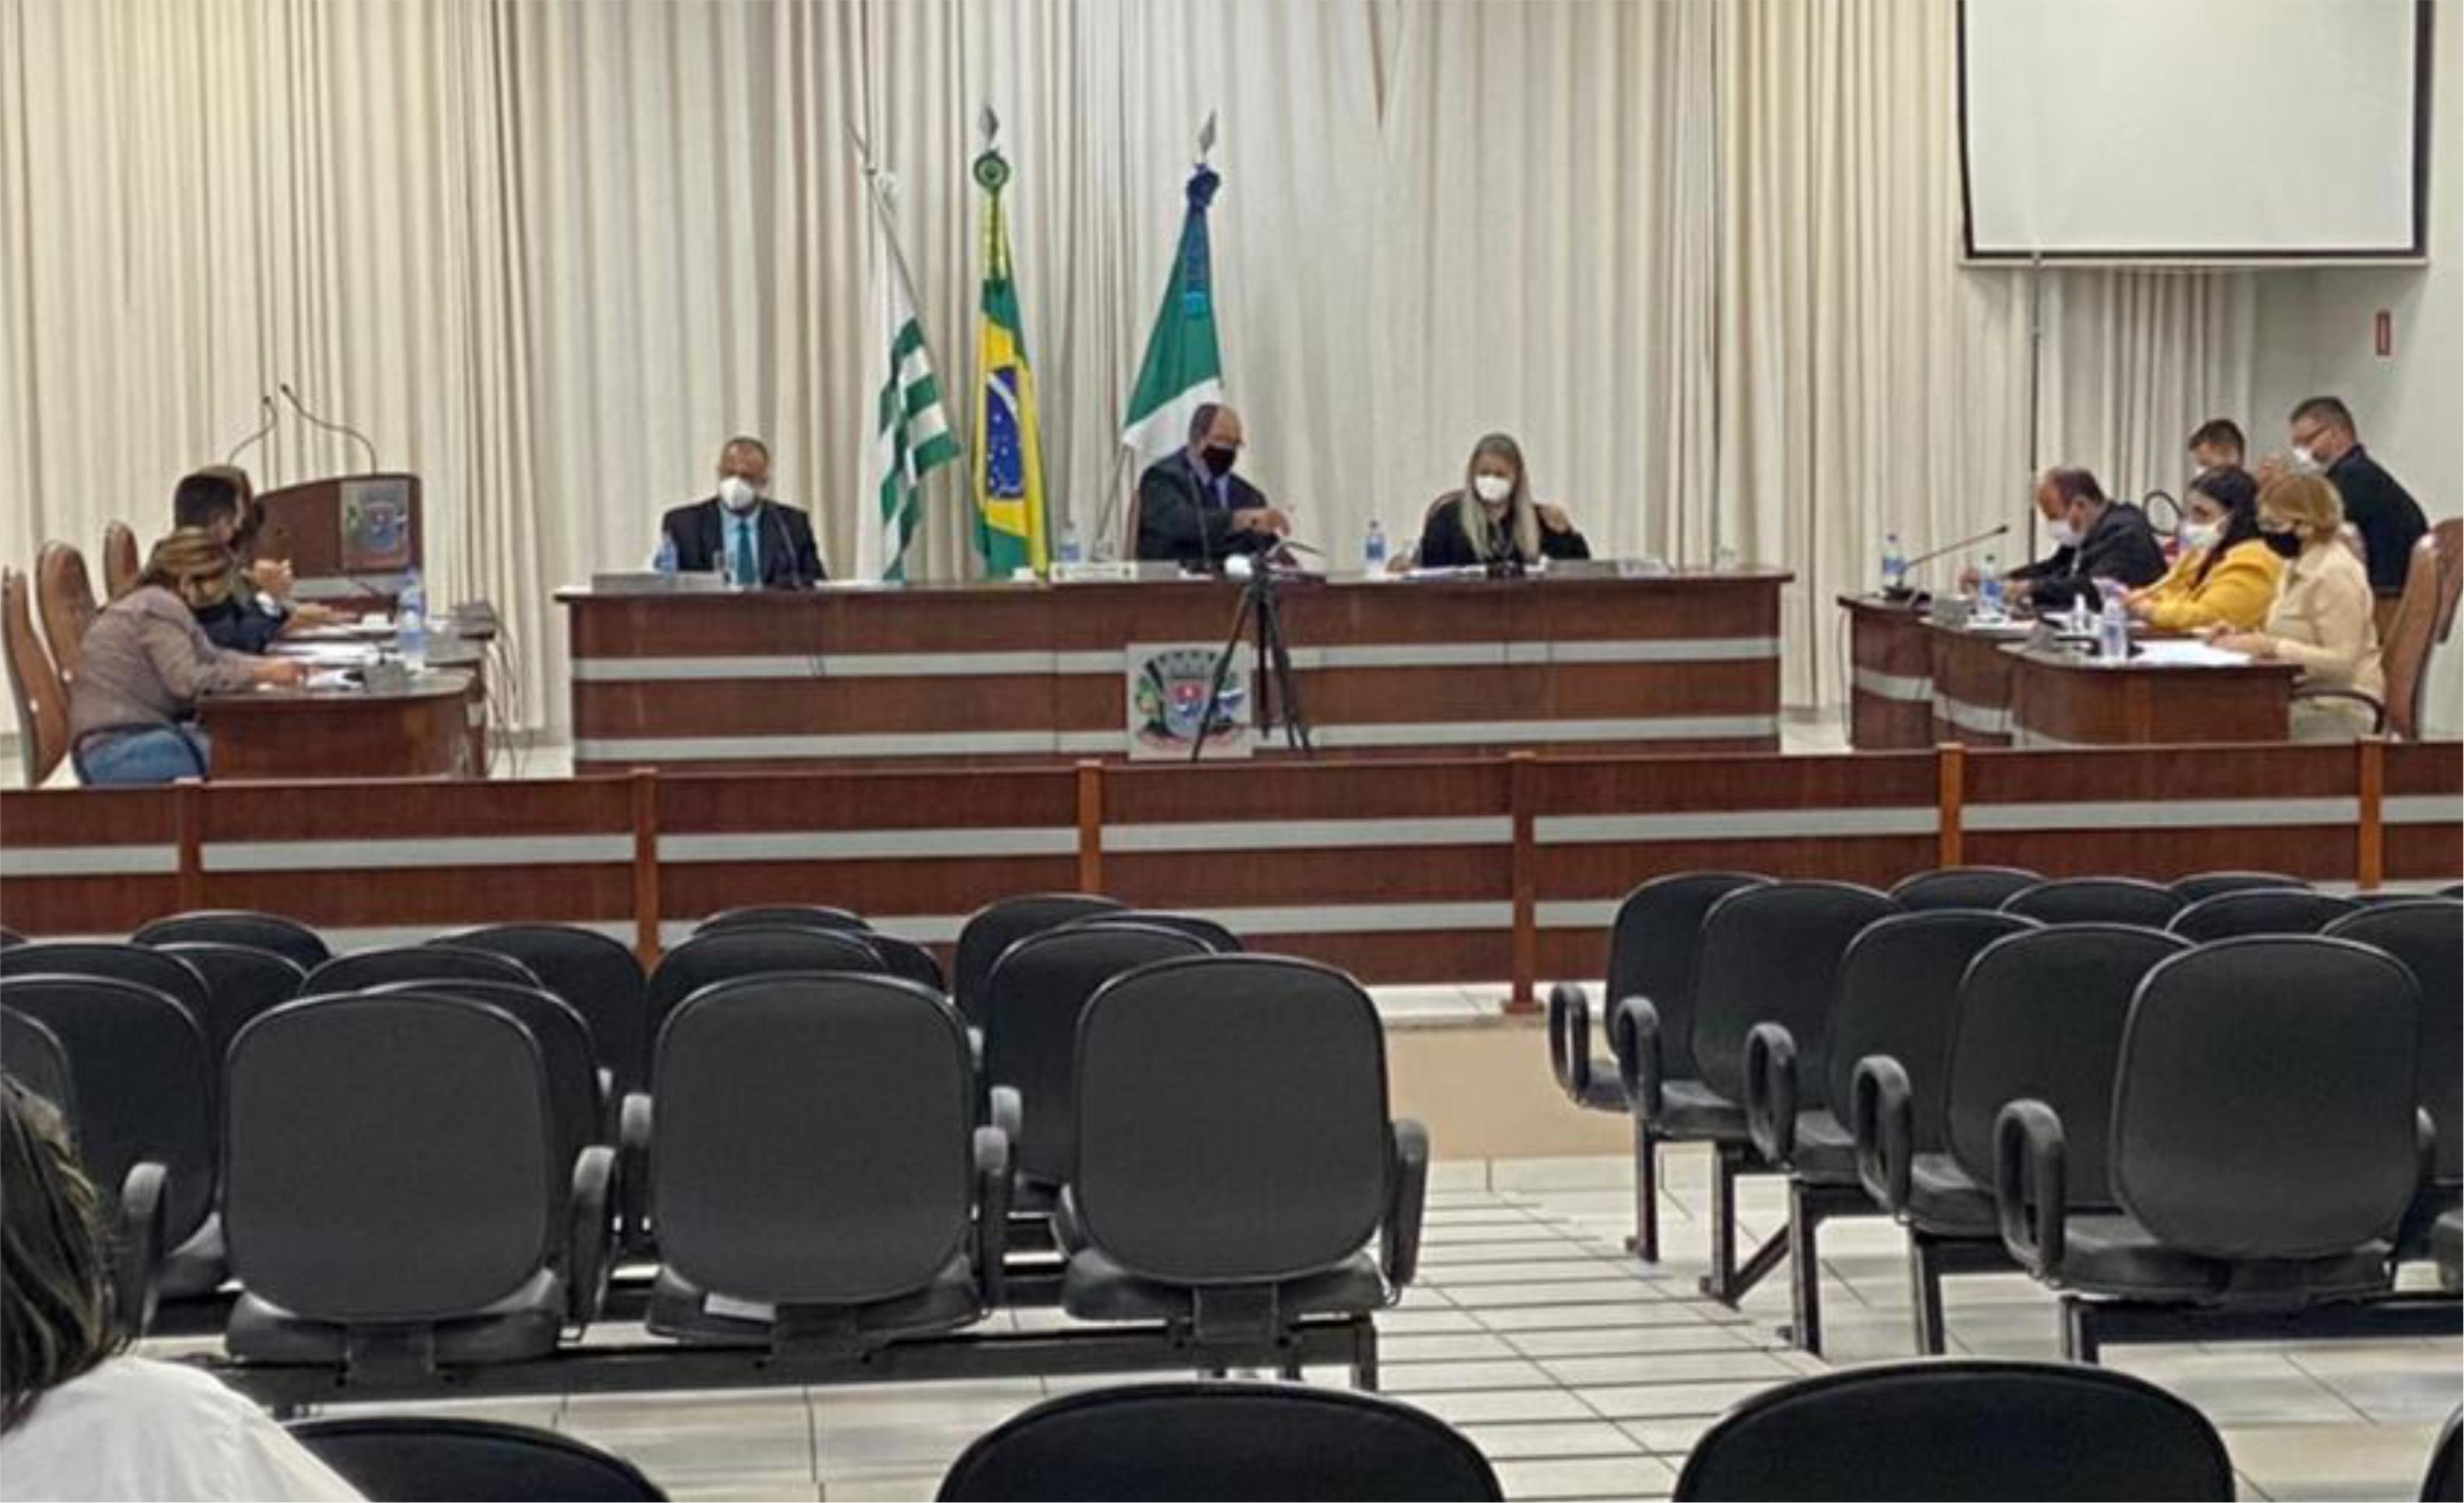 Vereadores de Brasilândia aprovam requerimentos e votam projeto de lei do Município.